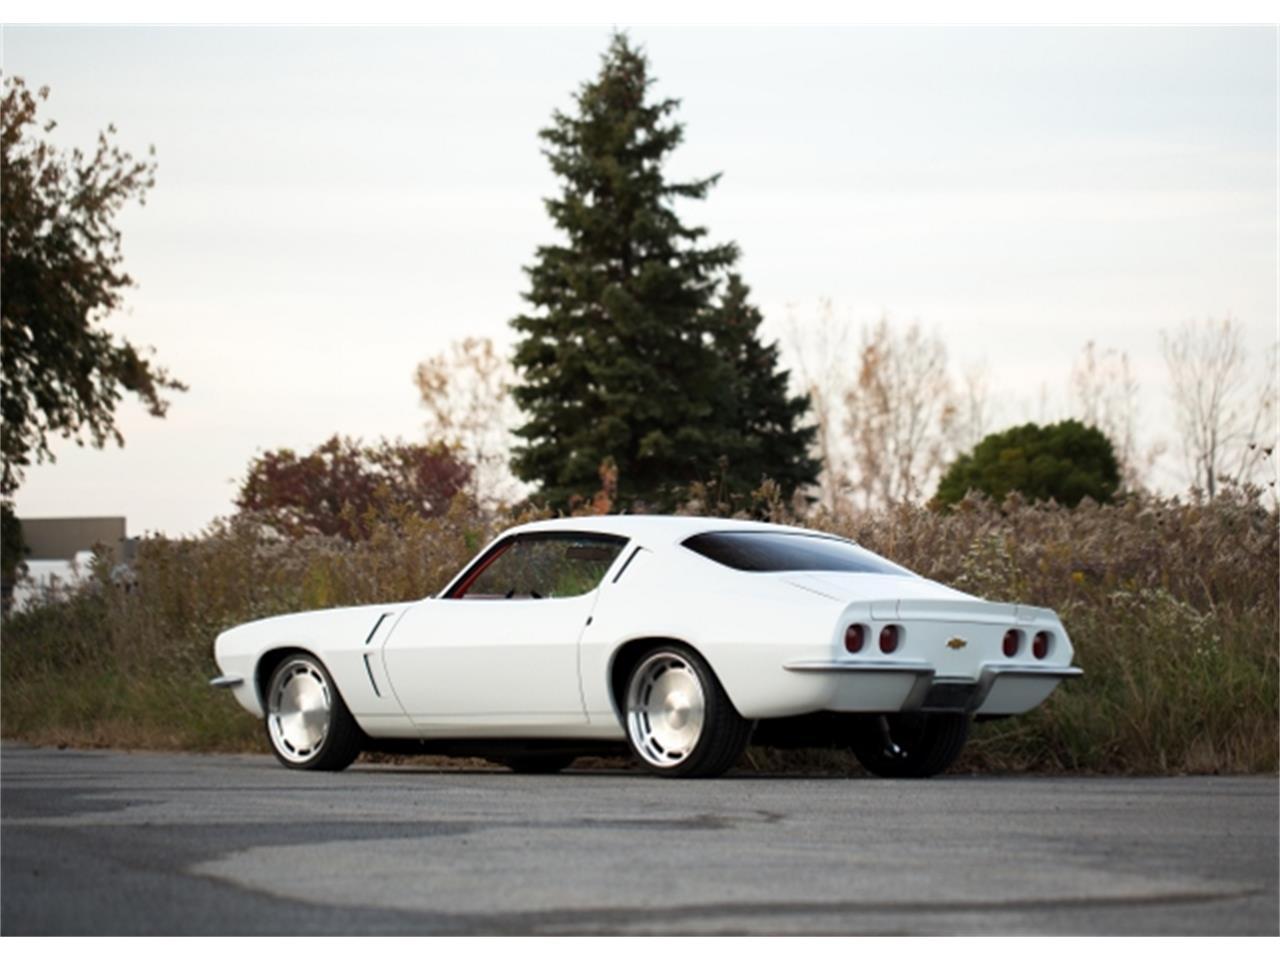 Large Picture of '70 Camaro located in Ohio - $99,000.00 - GGNI